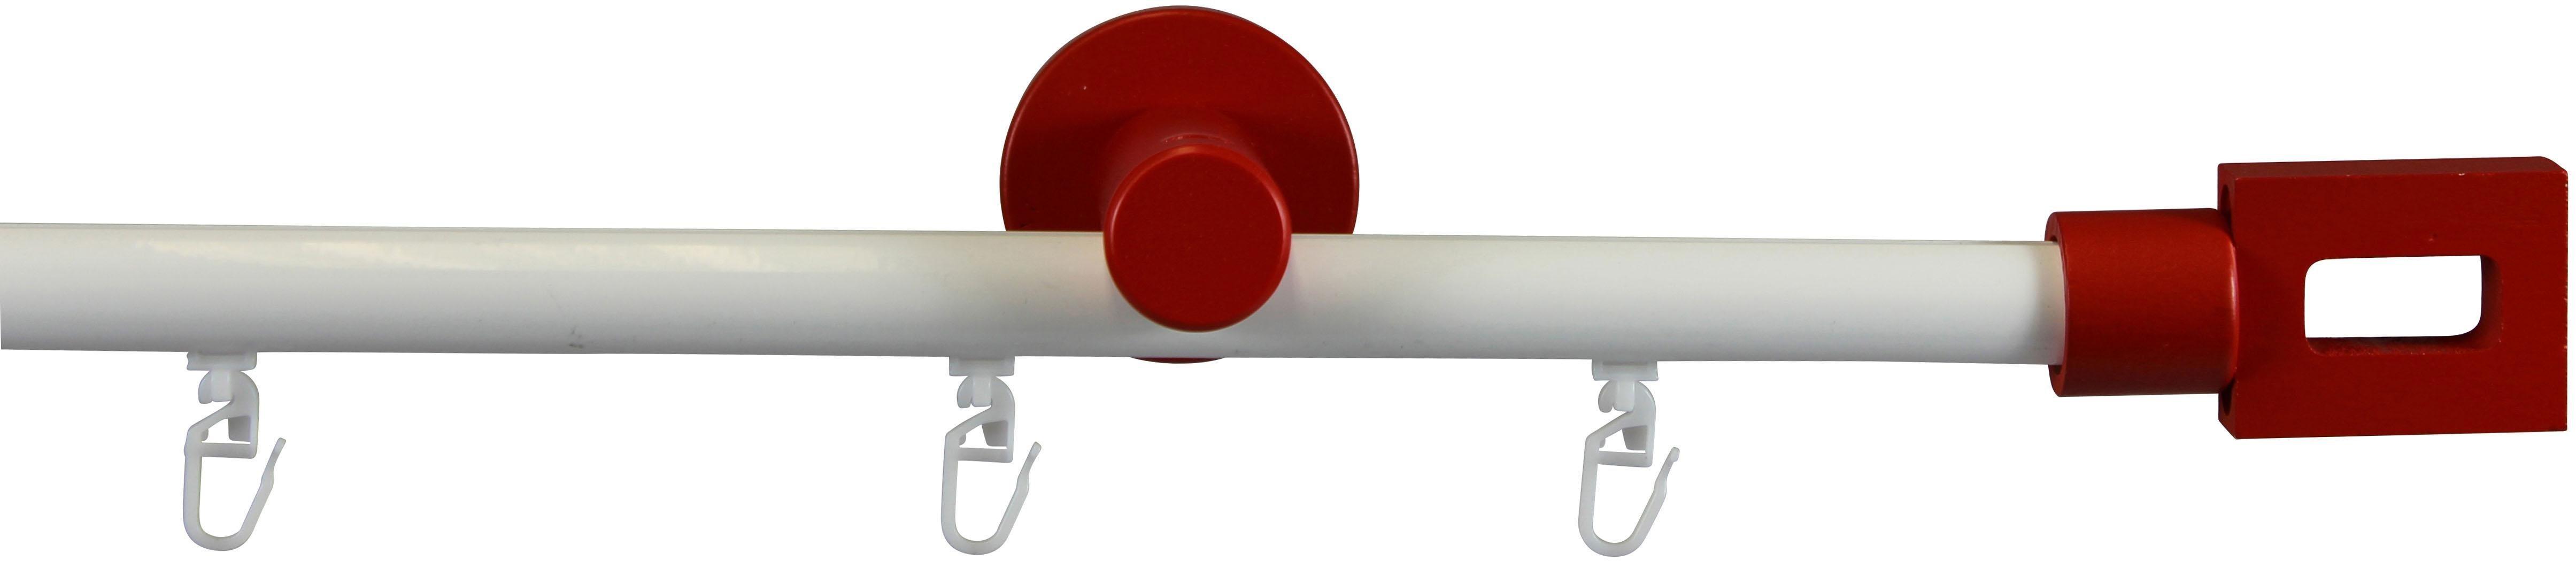 Gardinenstange, Garesa, »Ilaus«, Ø 20mm, 1- oder 2-läufig nach Maß | Heimtextilien > Gardinen und Vorhänge > Gardinenstangen | Aluminium - Metall | GARESA